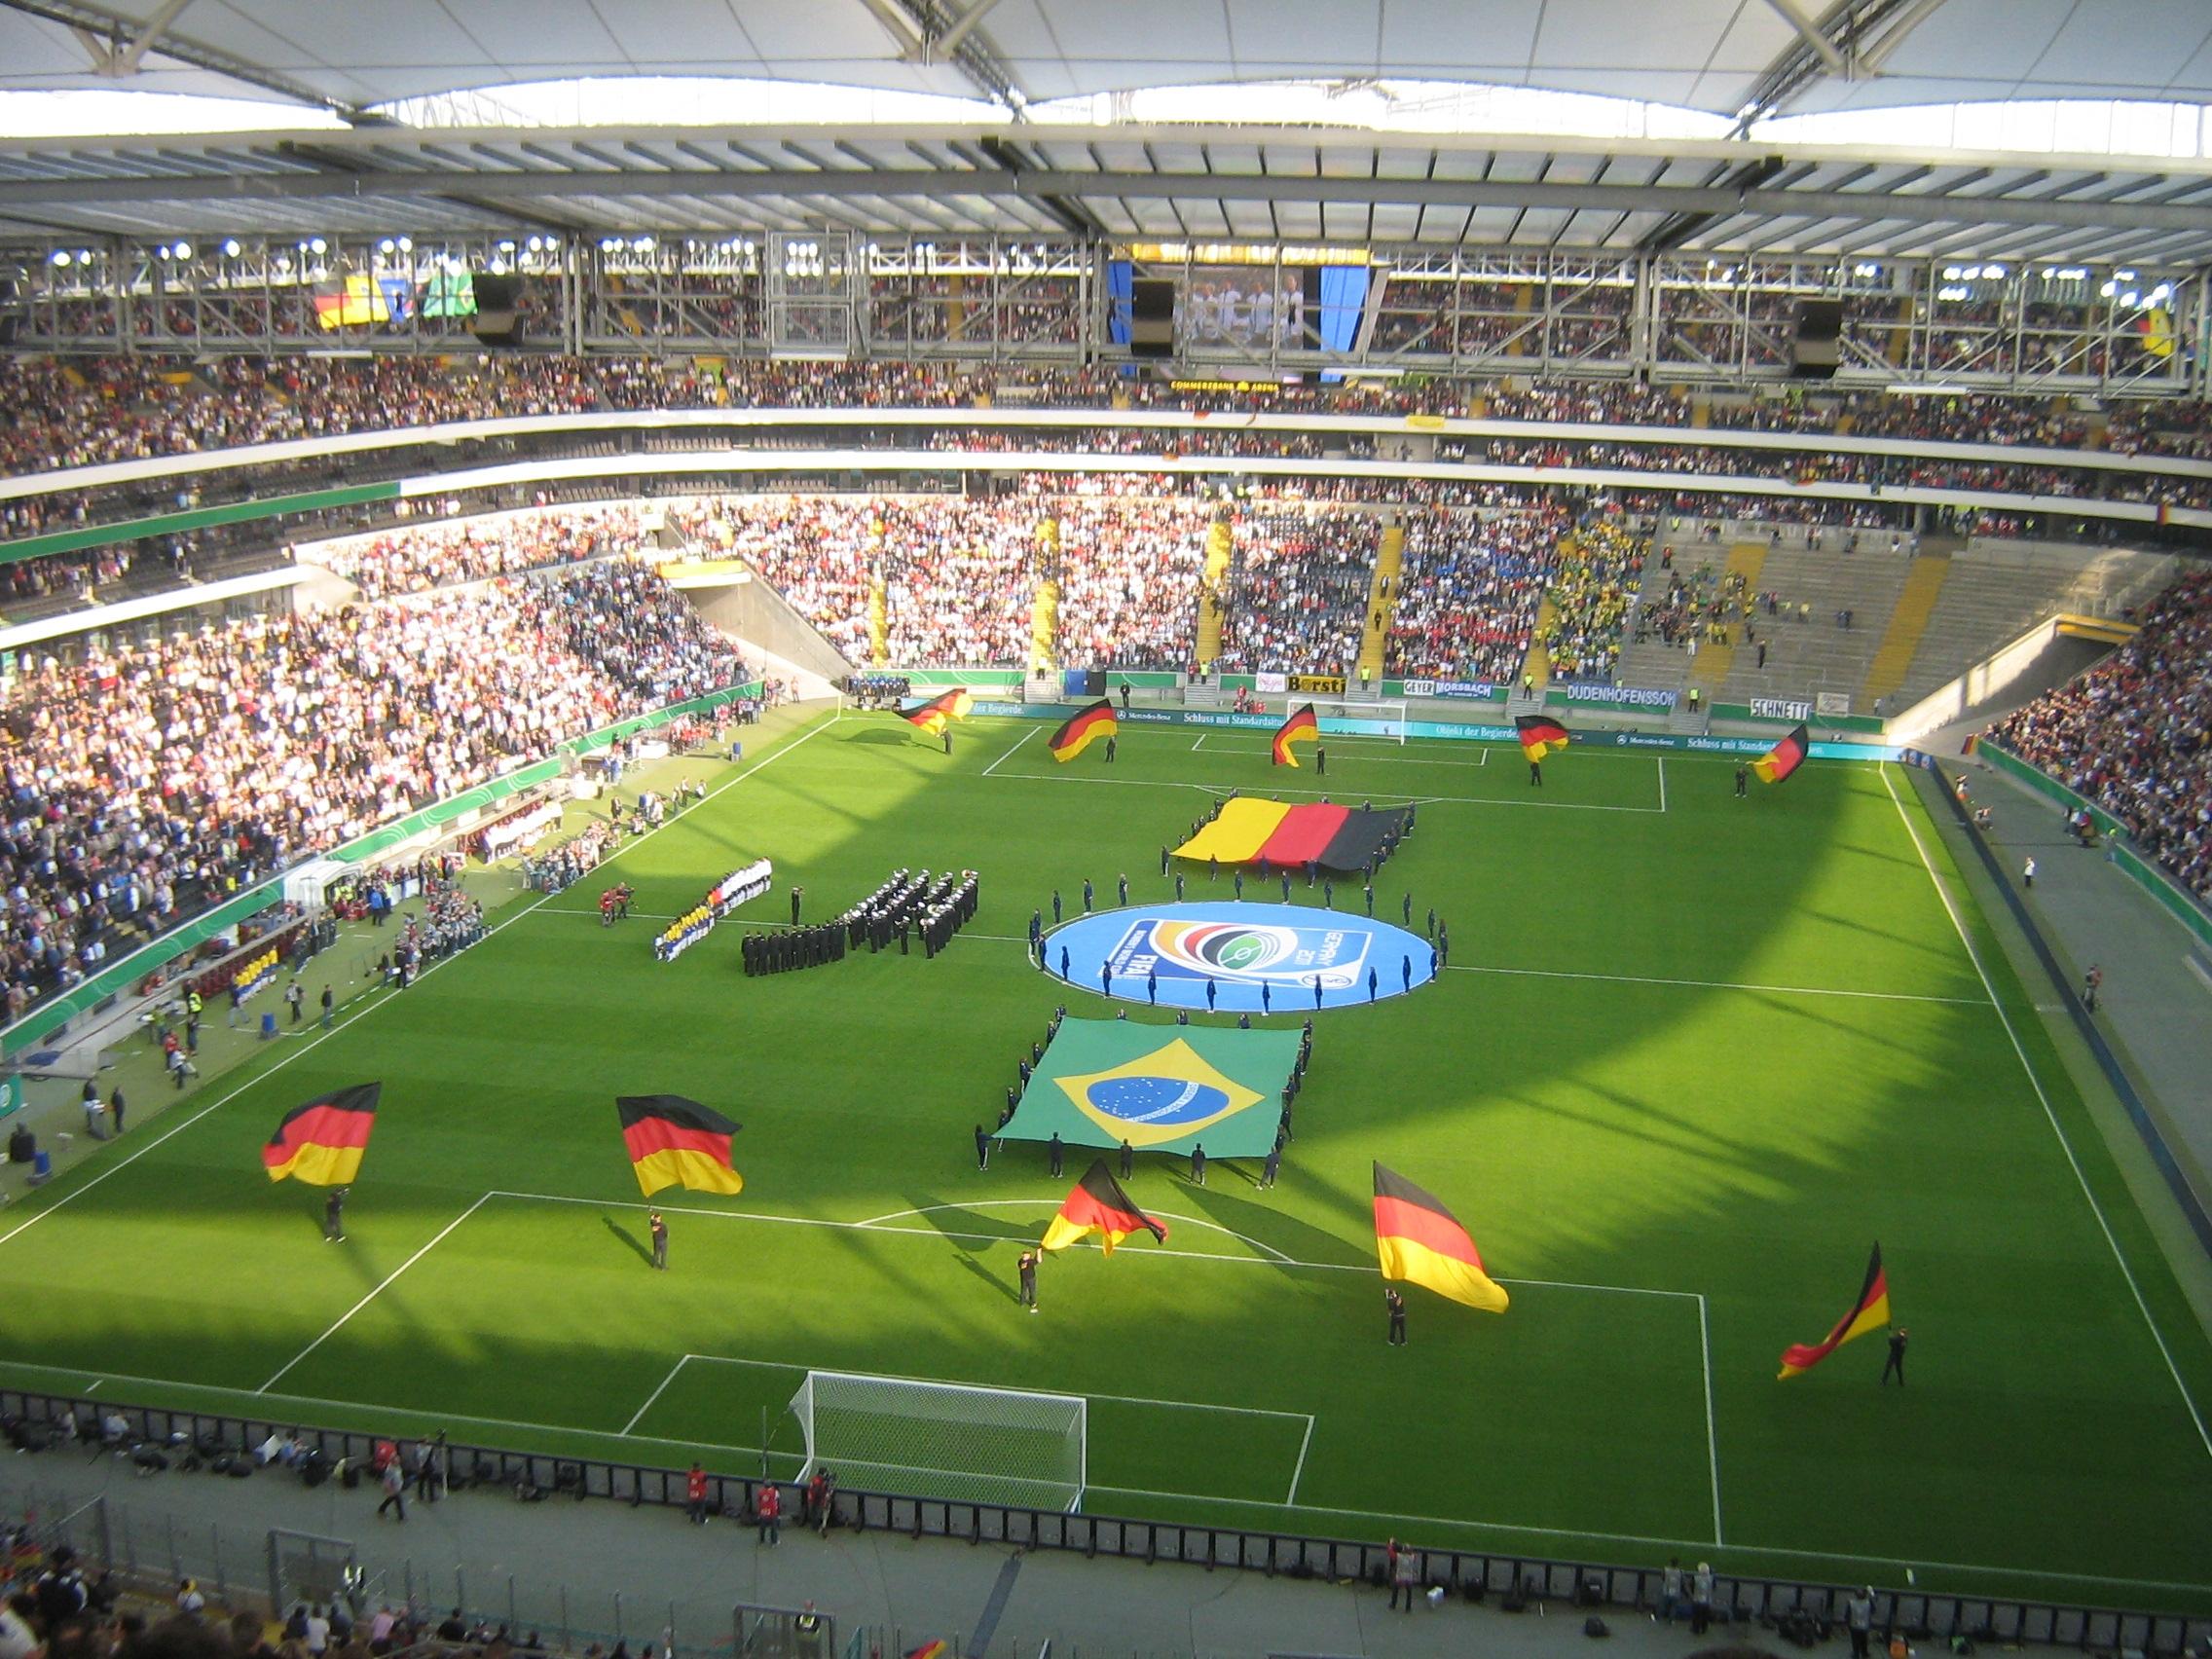 Germany women vs. Brazil women, before a crowd of 44,825. Frankfurt April 22, 2009